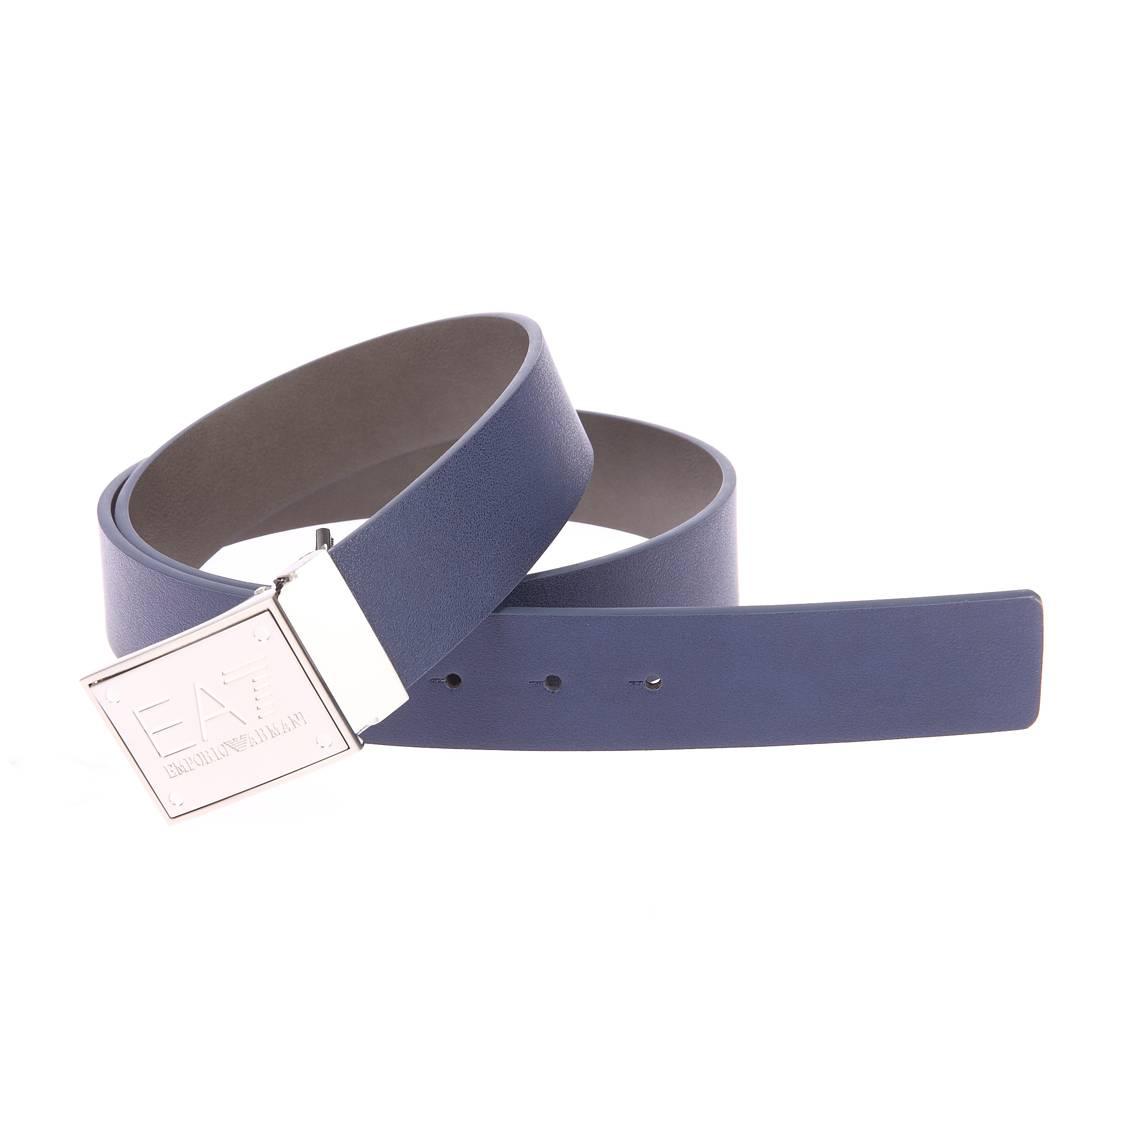 Ceinture ajustable EA7 simili-cuir bleu réversible en gris, à boucle pleine métallique gravée